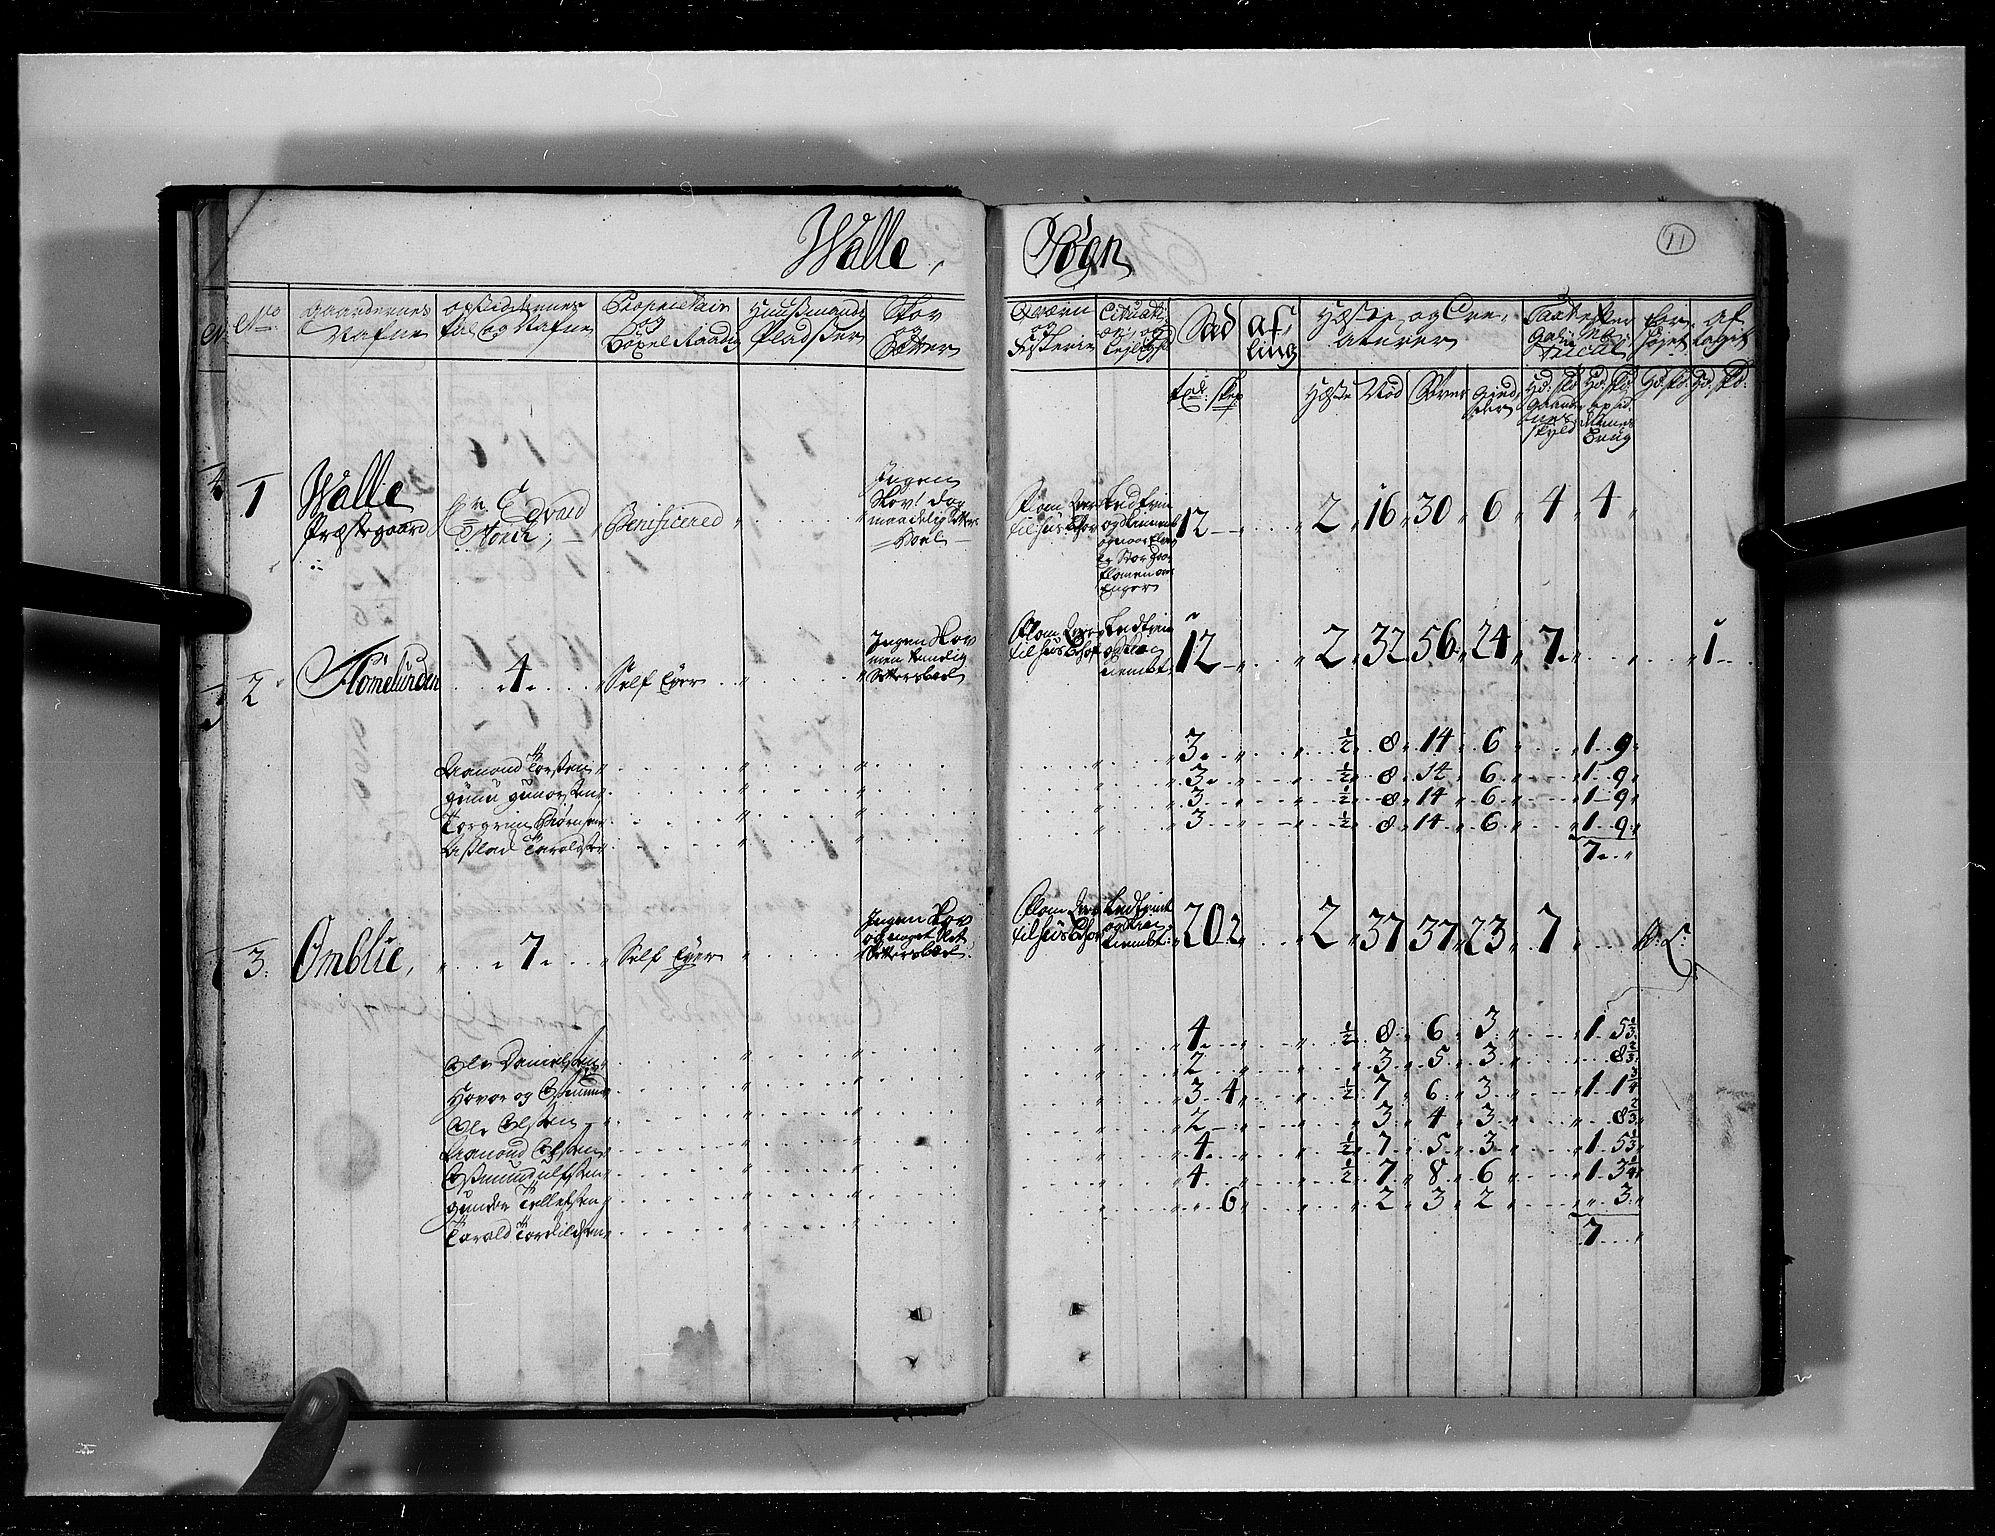 RA, Rentekammeret inntil 1814, Realistisk ordnet avdeling, N/Nb/Nbf/L0125: Råbyggelag eksaminasjonsprotokoll, 1723, s. 10b-11a